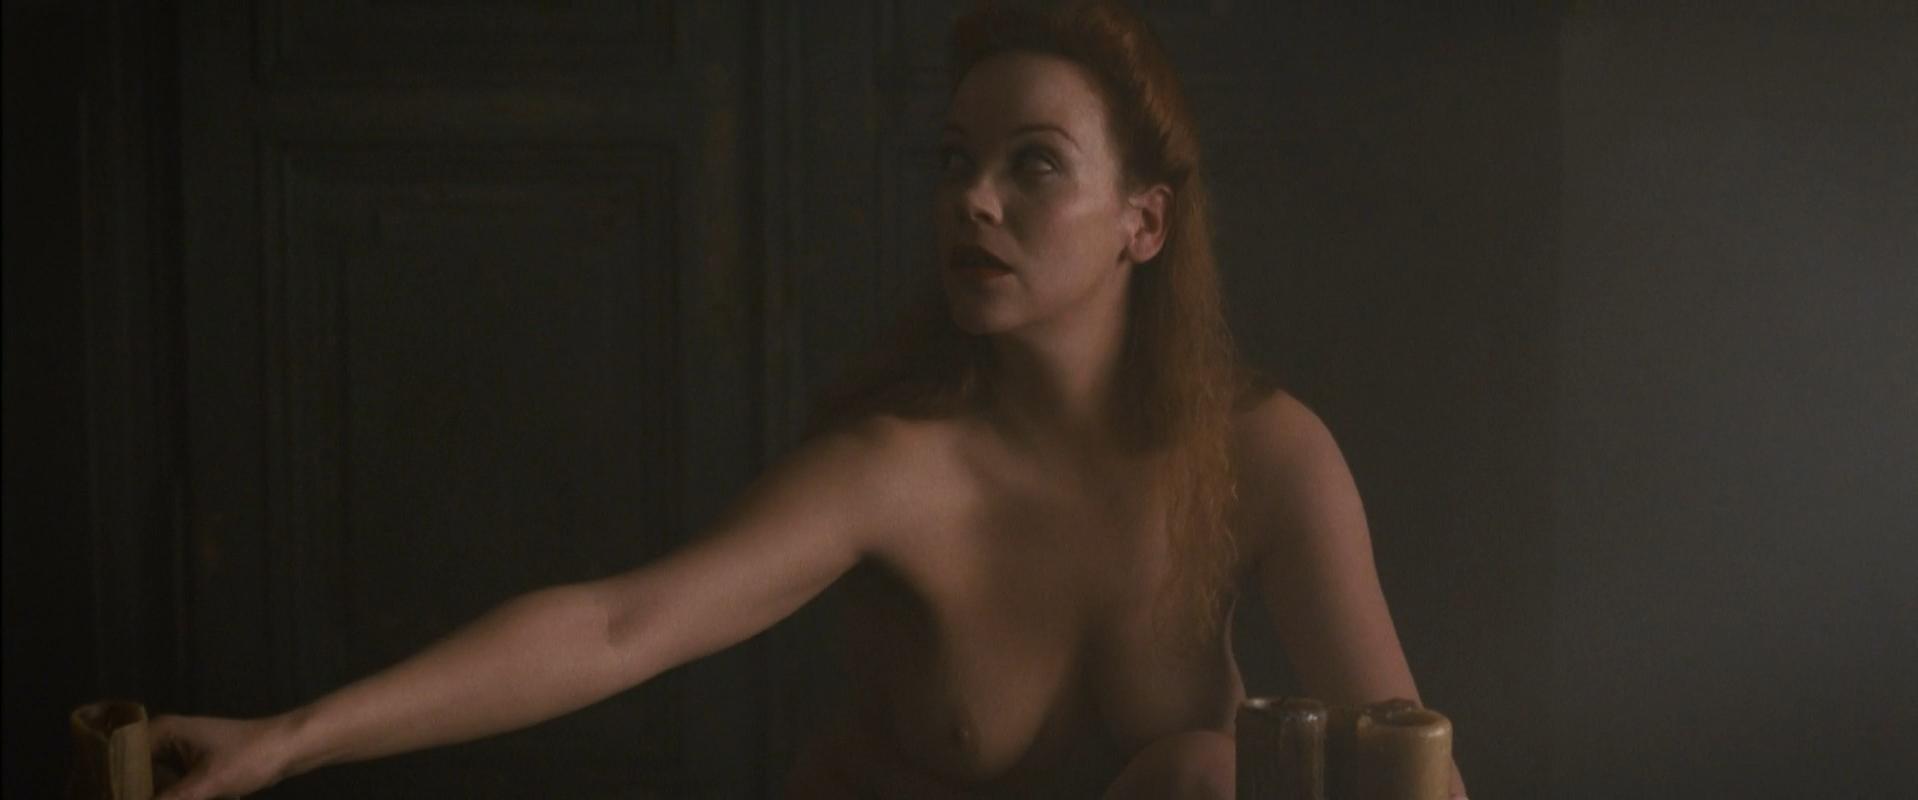 Malthe nude natassia